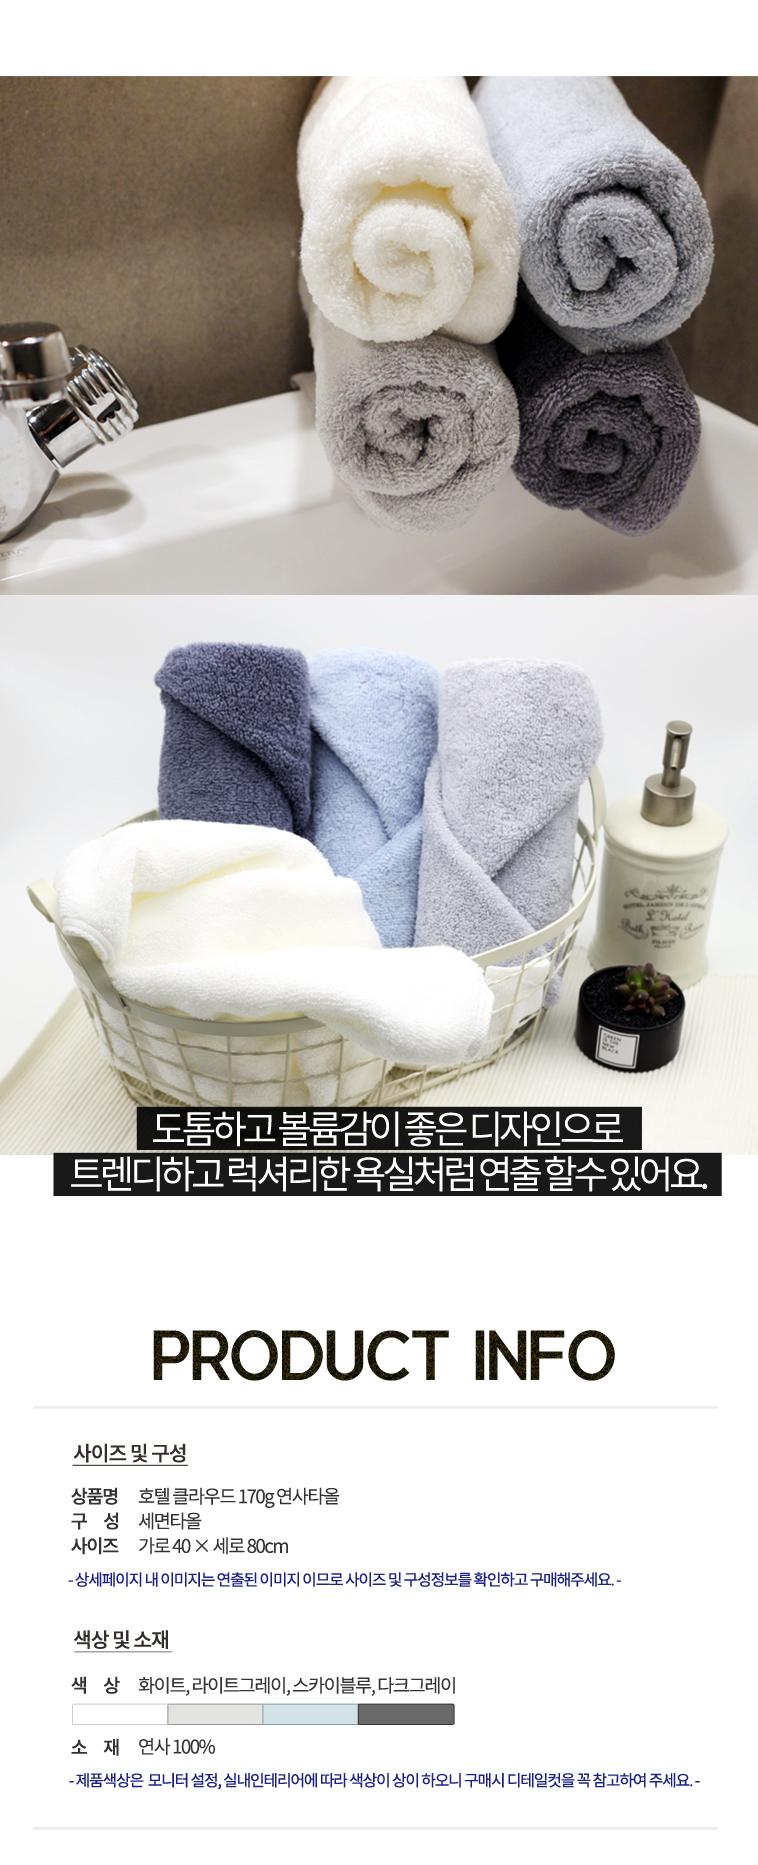 [명예의전당] 170g호텔수건타올 10장 - 상세정보